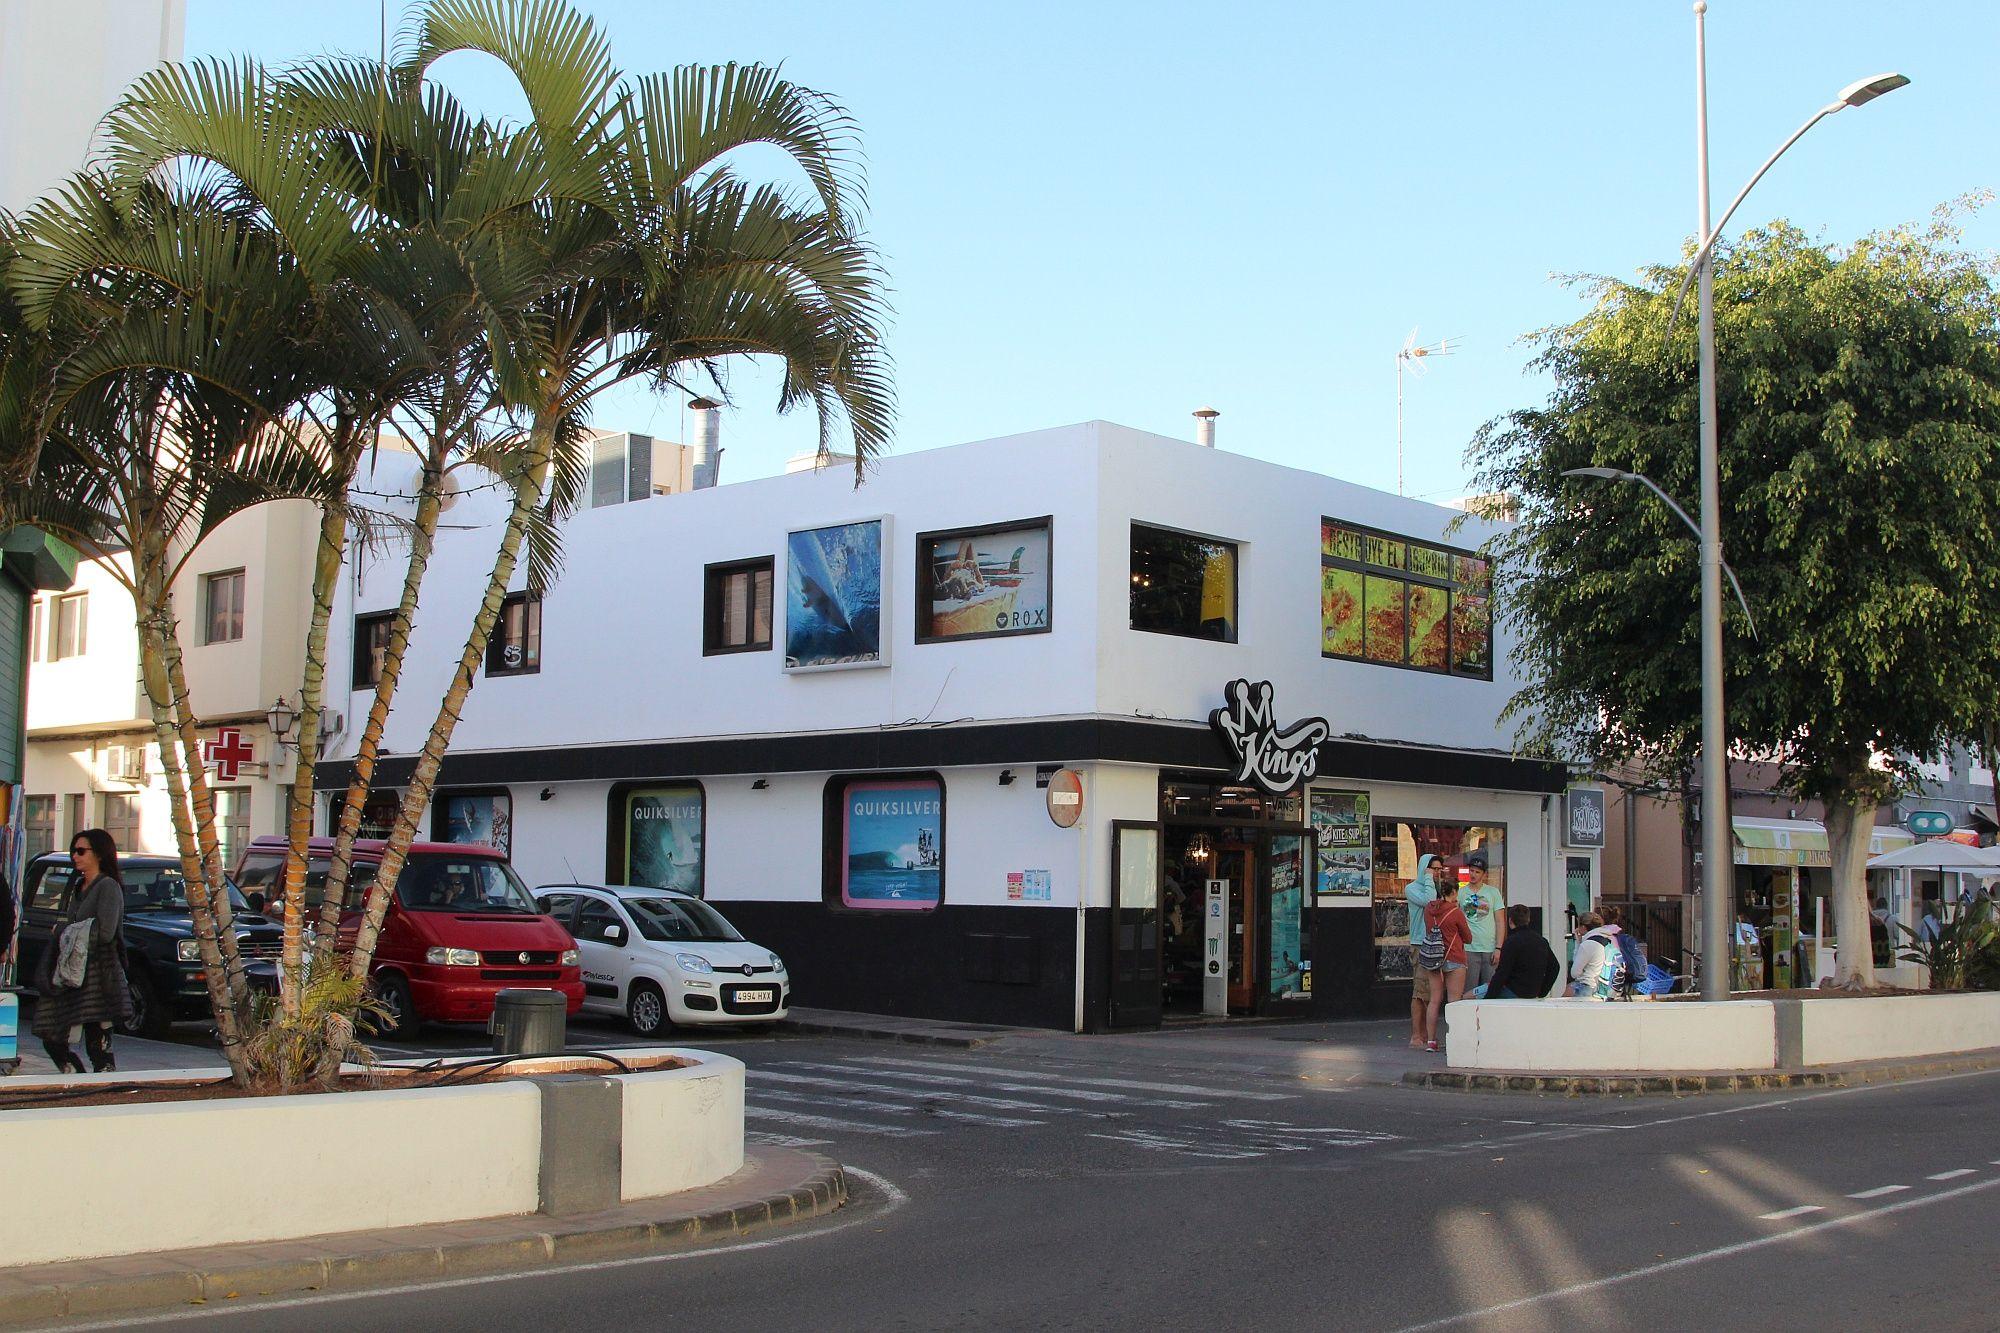 Corralejo ist der wohl bekannteste Surfort auf Fuerteventura.